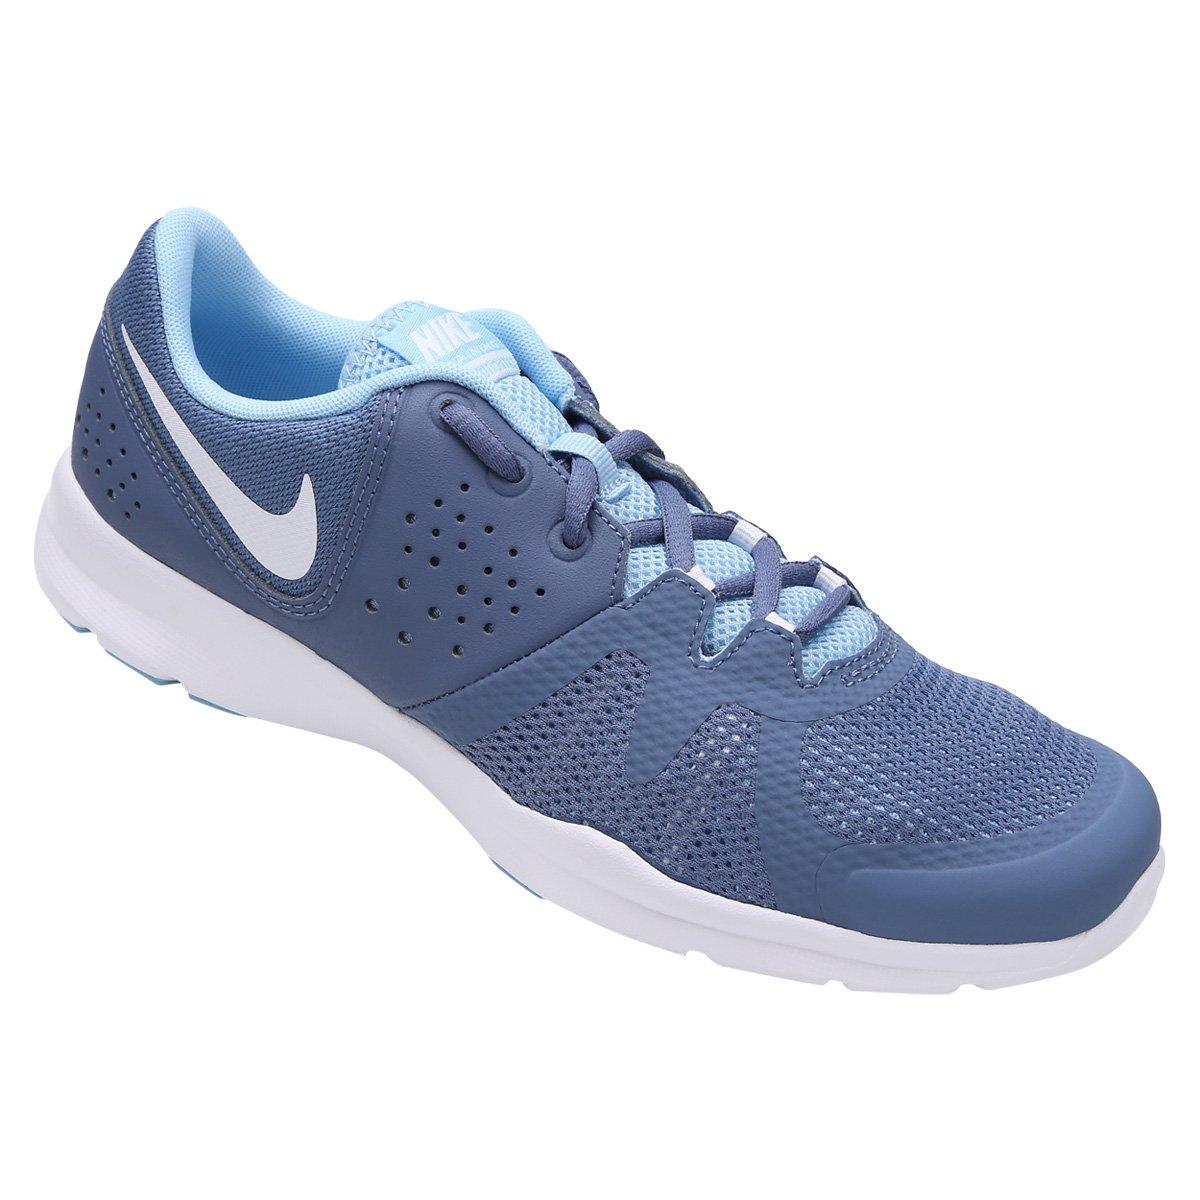 e582e83514 Tênis Nike Core Motion Tr 3 Mesh Feminino - Compre Agora